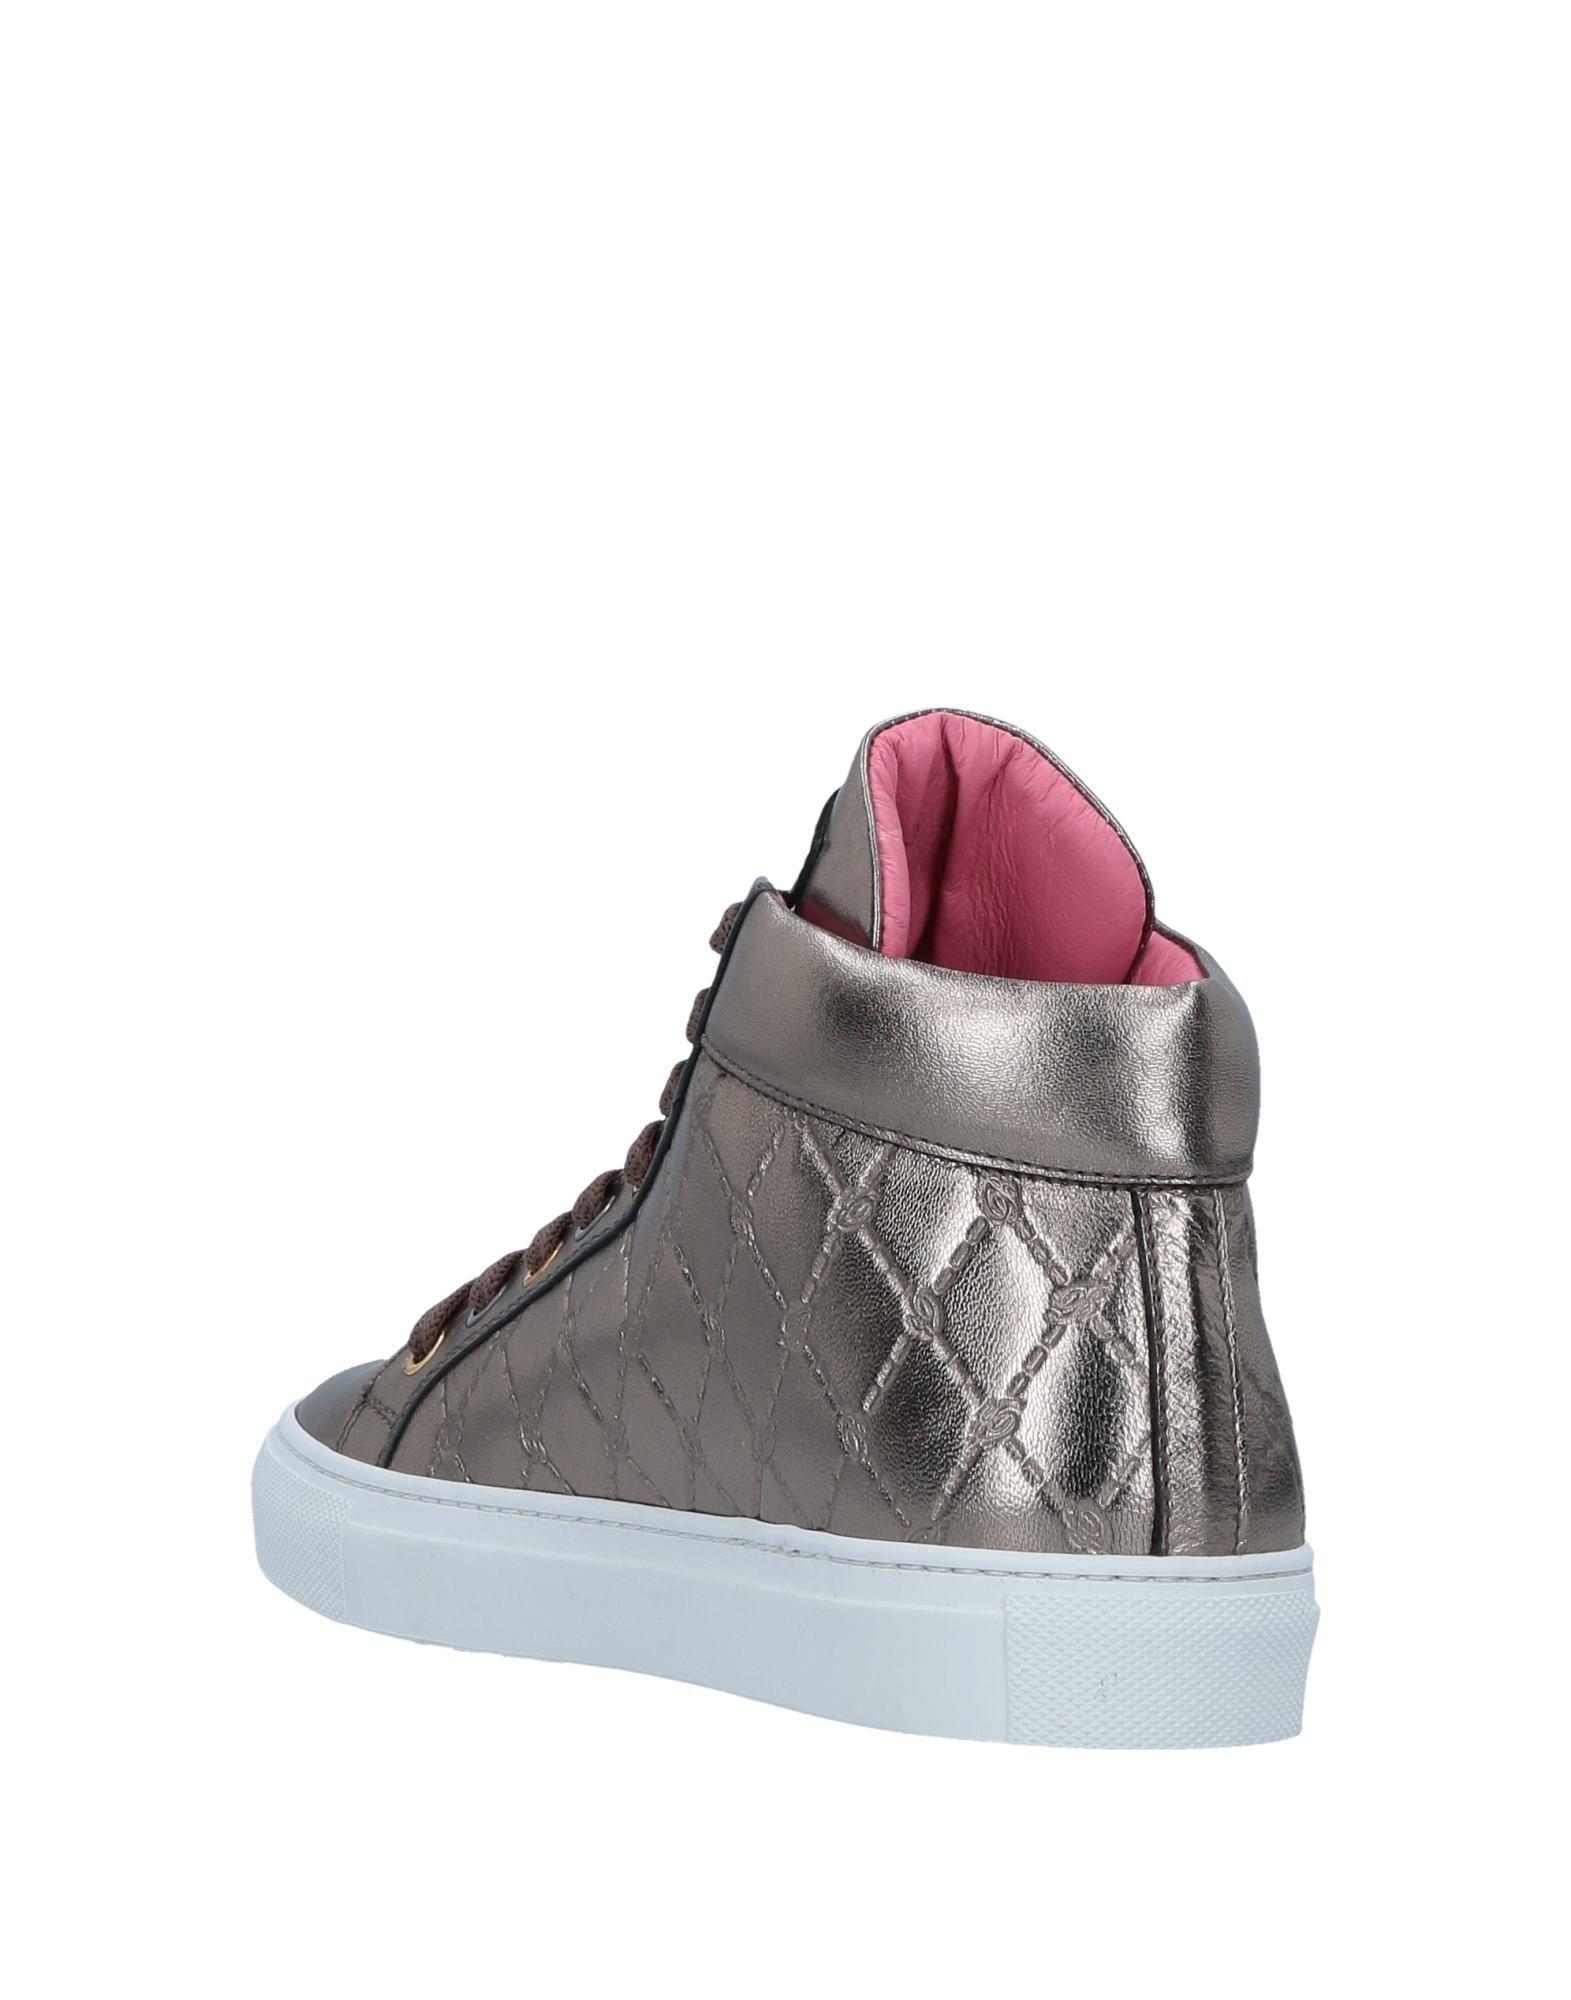 Blumarine Sneakers es Damen Gutes Preis-Leistungs-Verhältnis, es Sneakers lohnt sich 21460 ce8977